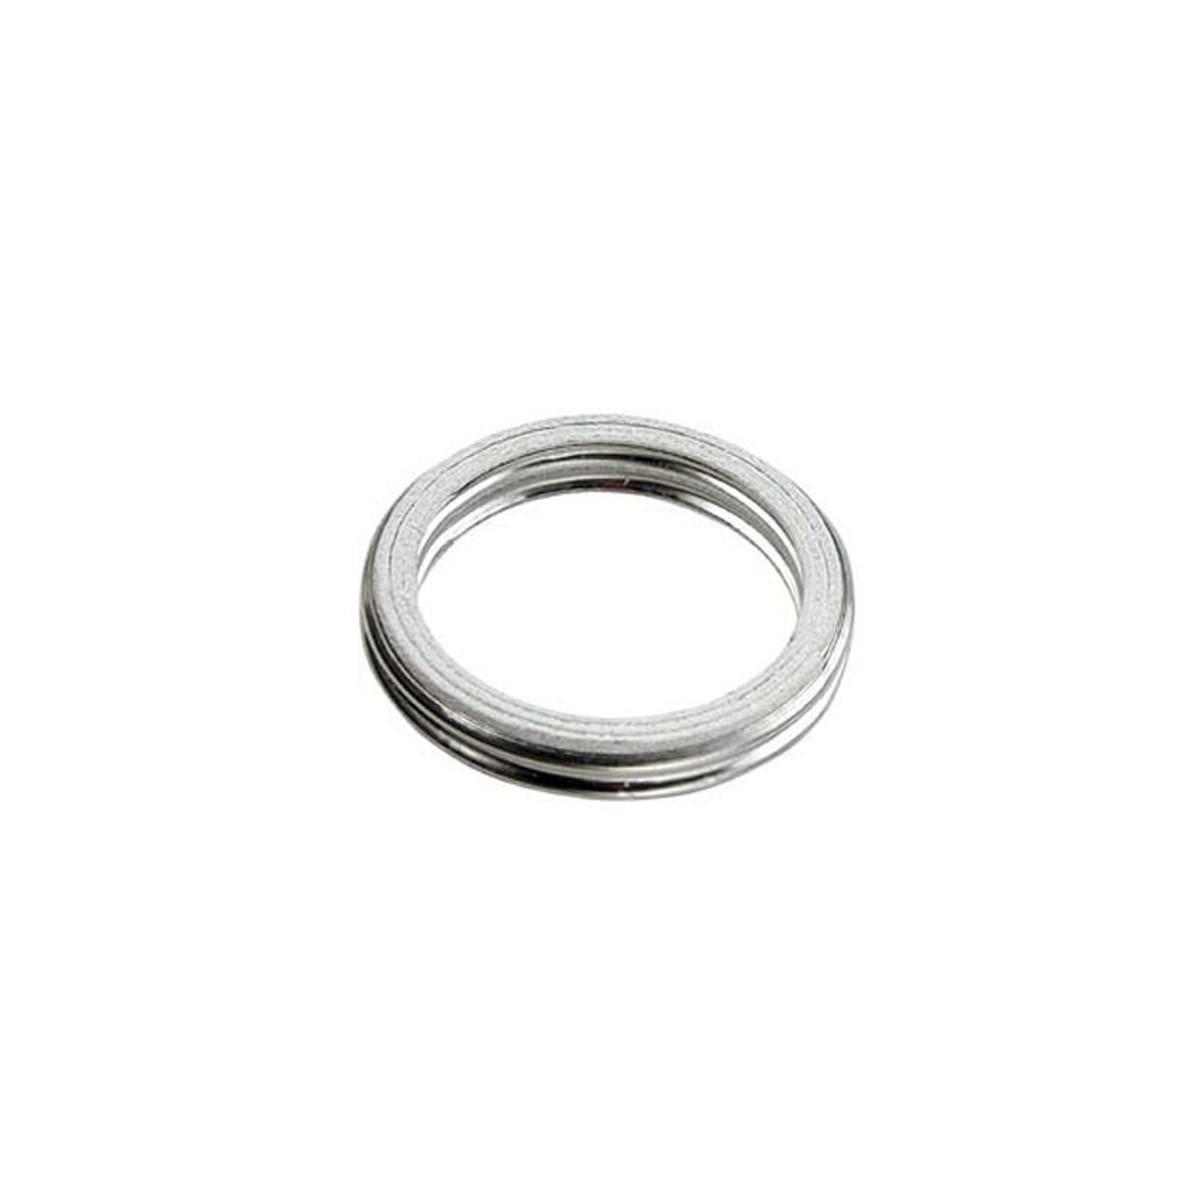 Joint de Pot d'échappement - Rond, Type Origine